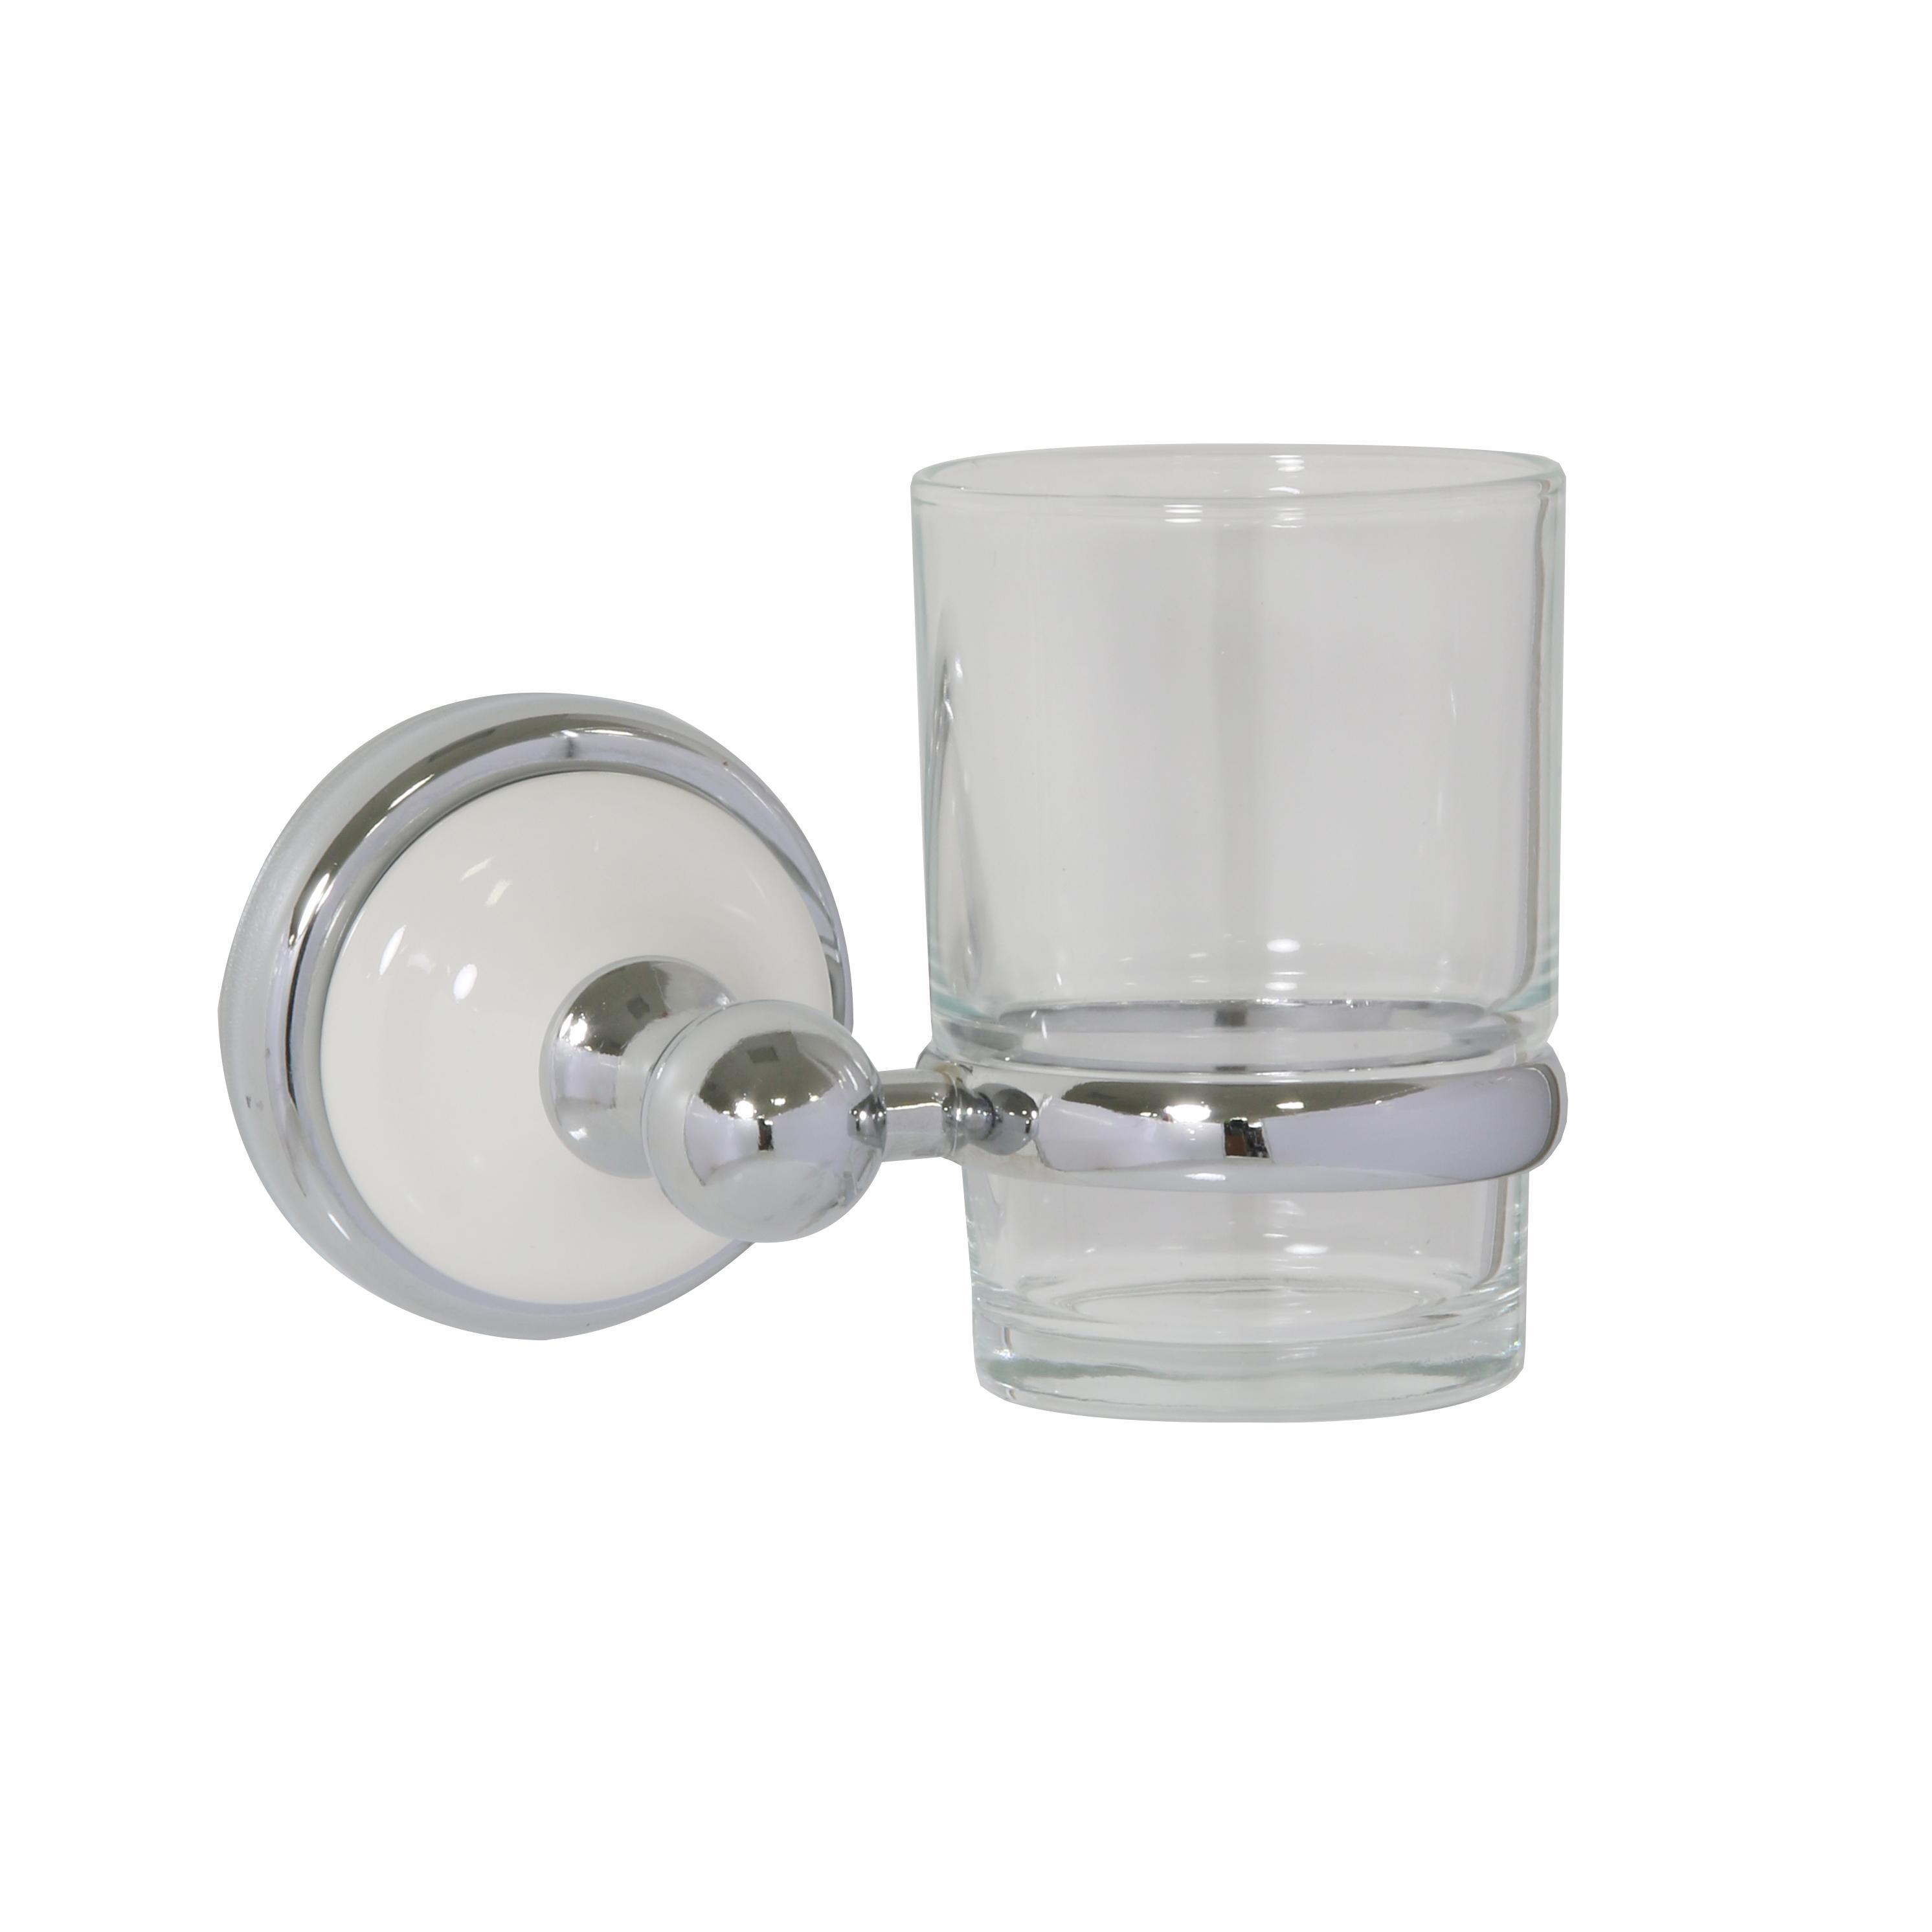 Стакан для зубных щеток Axentia Lyon Premium531-105Стакан для зубных щеток Axentia Lyon Premium выполнен из нержавеющей стали покрытой цинком с колпачком из белой керамики. Крепится на шурупах (в комплекте). Изделие превосходно дополнит интерьер ванной комнаты.